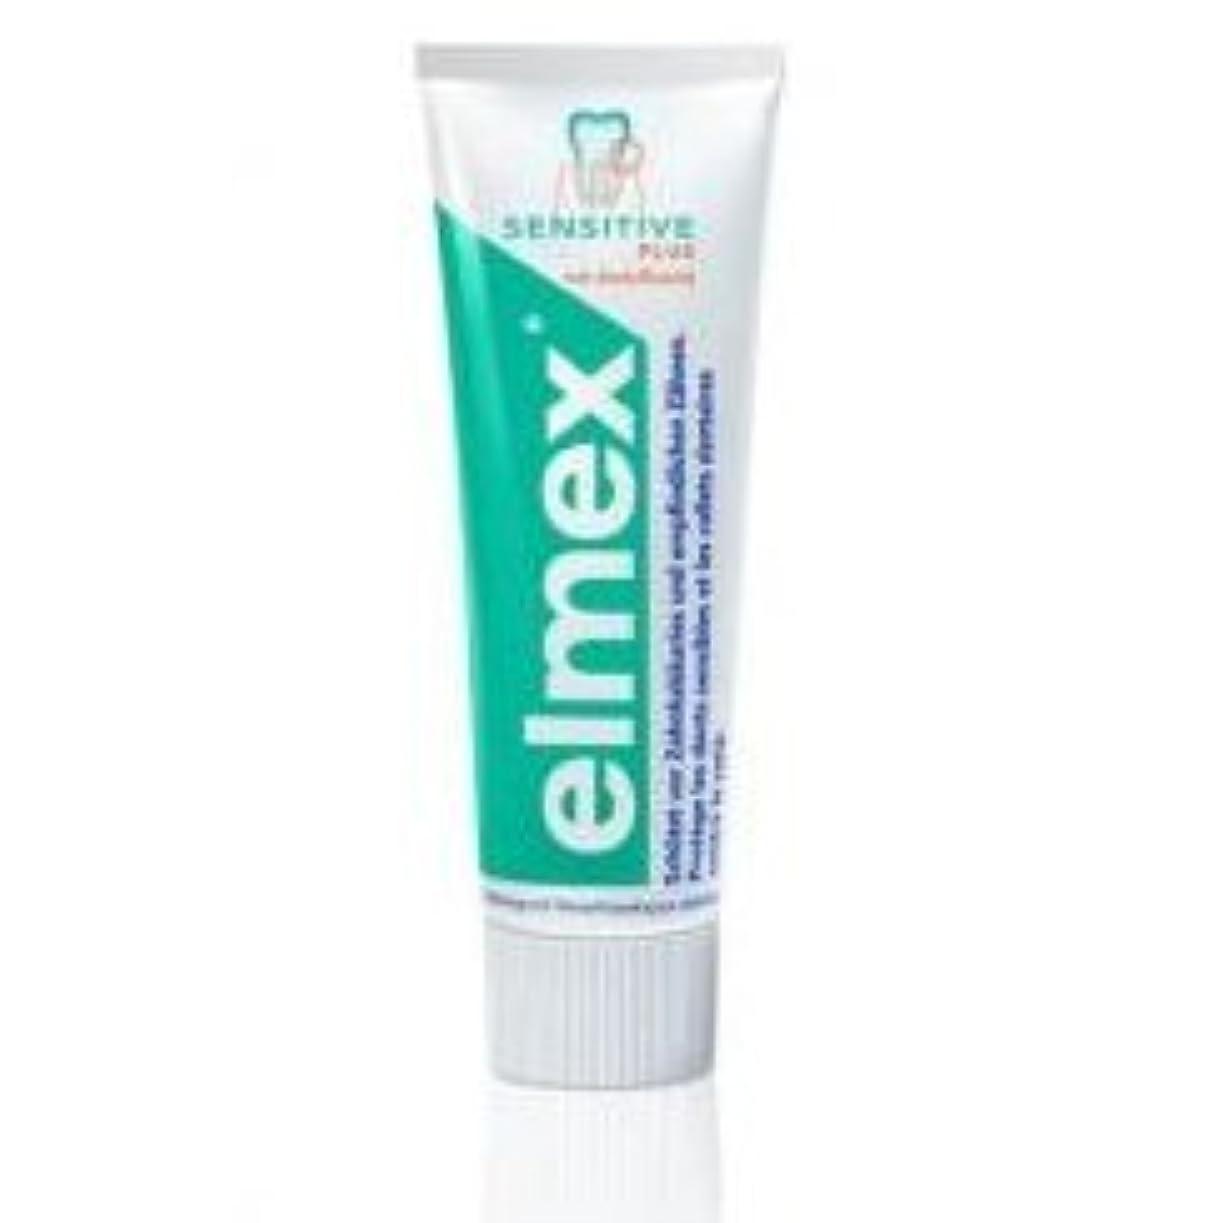 カトリック教徒横向き気づくエルメックス センシティブ 歯磨き粉 75ml (elmex sensitive toothpaste 75ml)【並行輸入品】